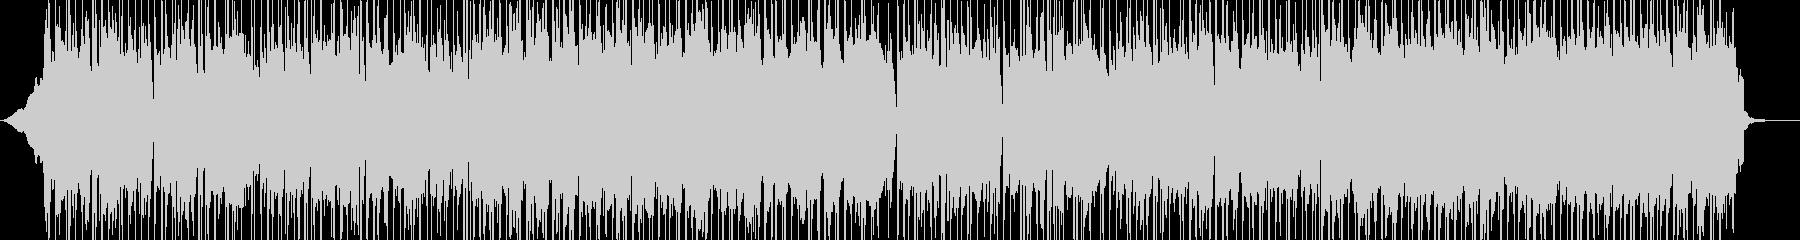 シタールとアコギによる明るく軽快なBGMの未再生の波形